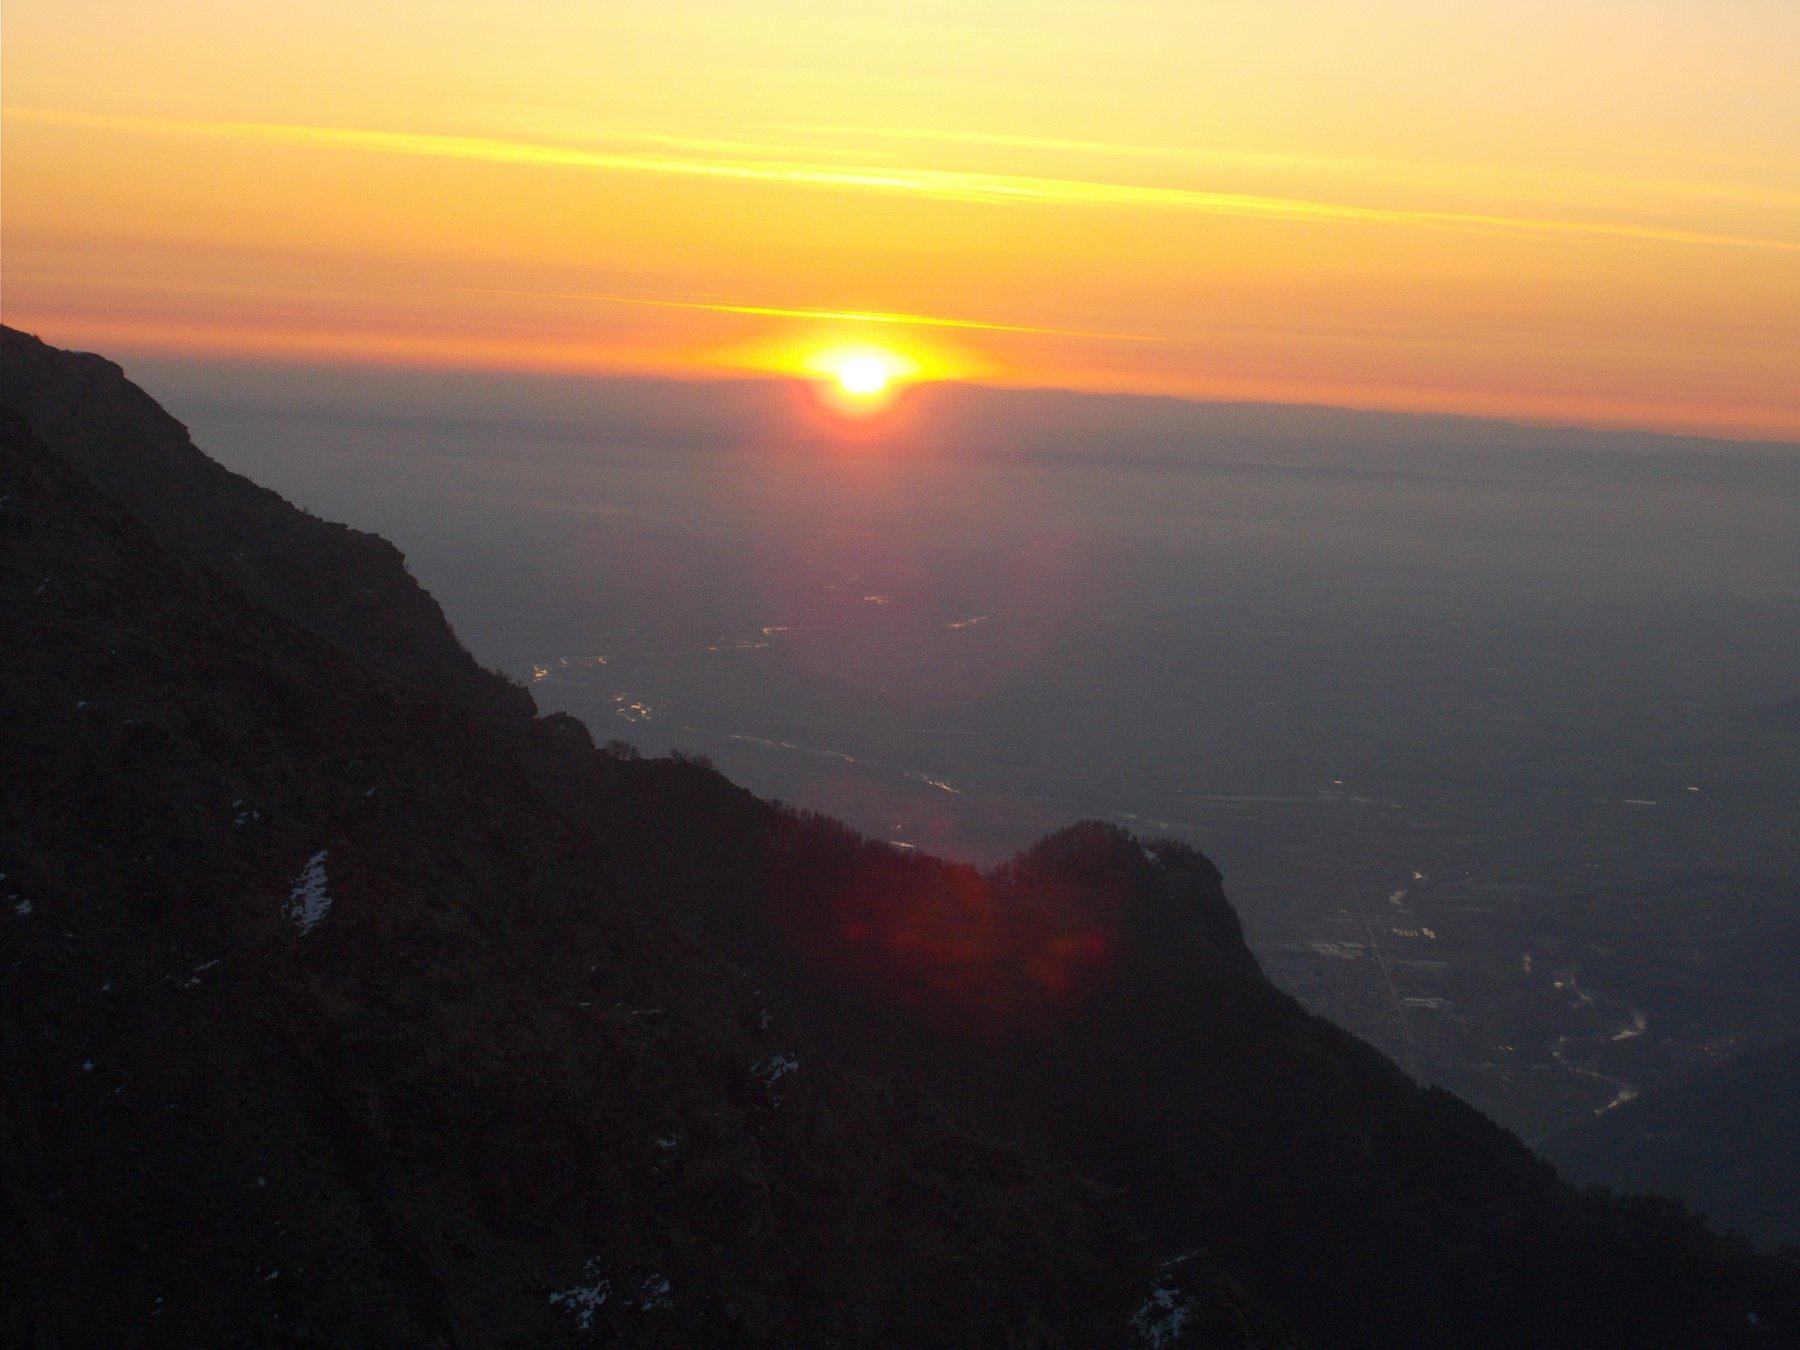 e dietro il Castelus..ecco che spunta il sole..